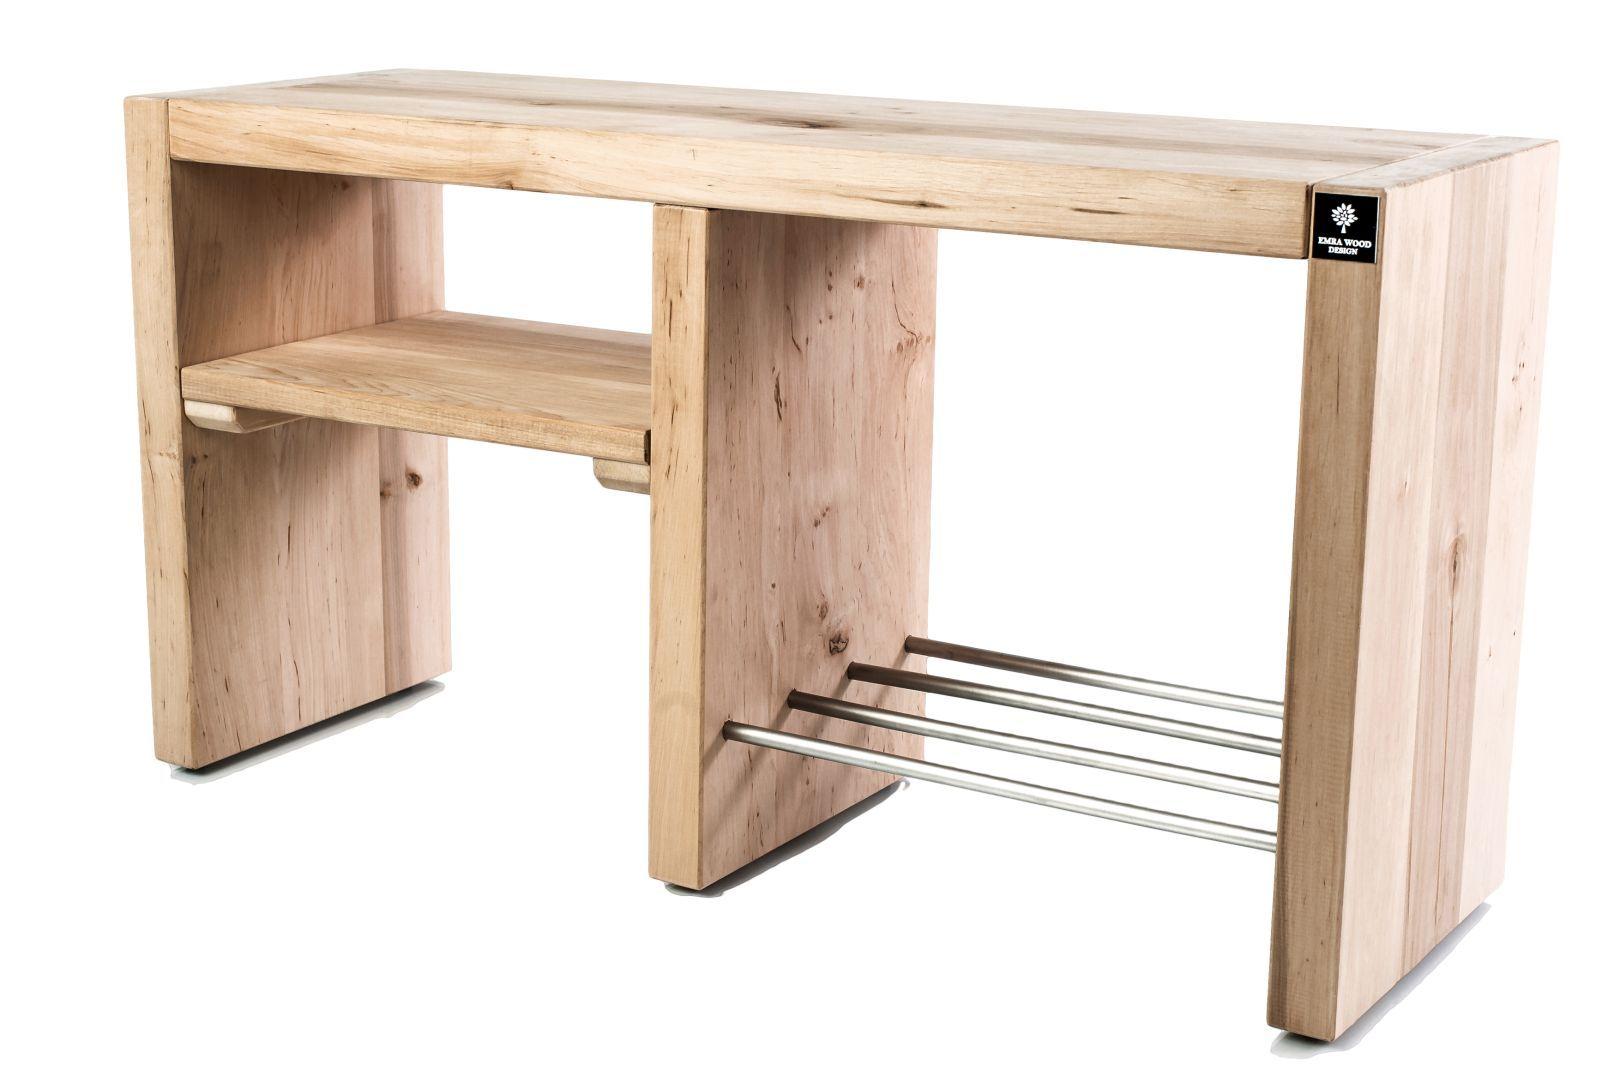 Rdd 1 65 Cm Regal Szafka Na Buty Z Siedziskiem Kolor Naturalny Drewno Lite Olch Wood Design Wood Shelves